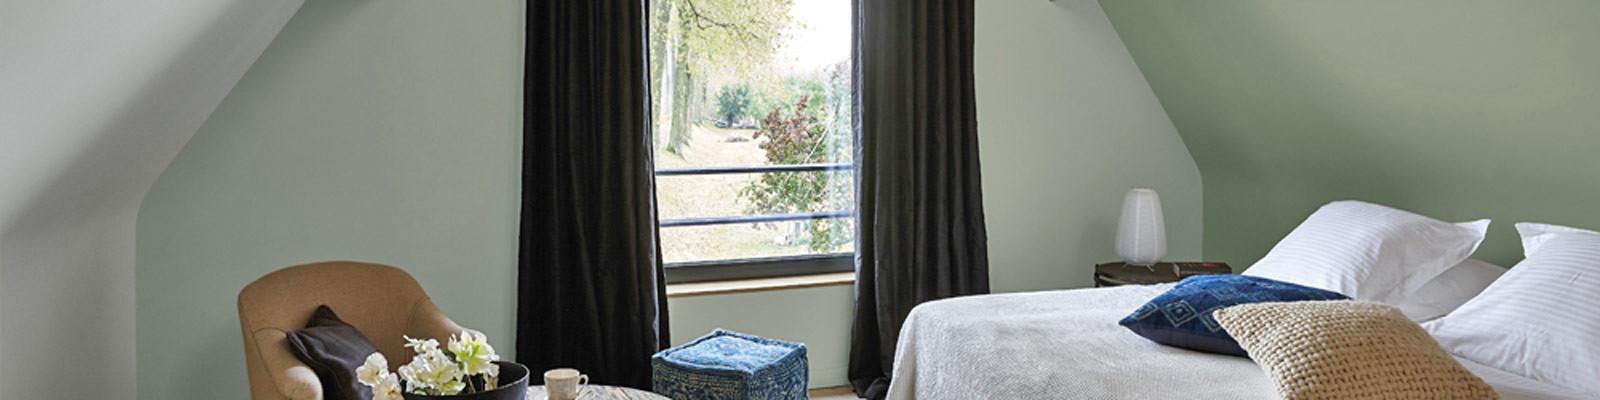 Overgordijn behang slaapkamer verf